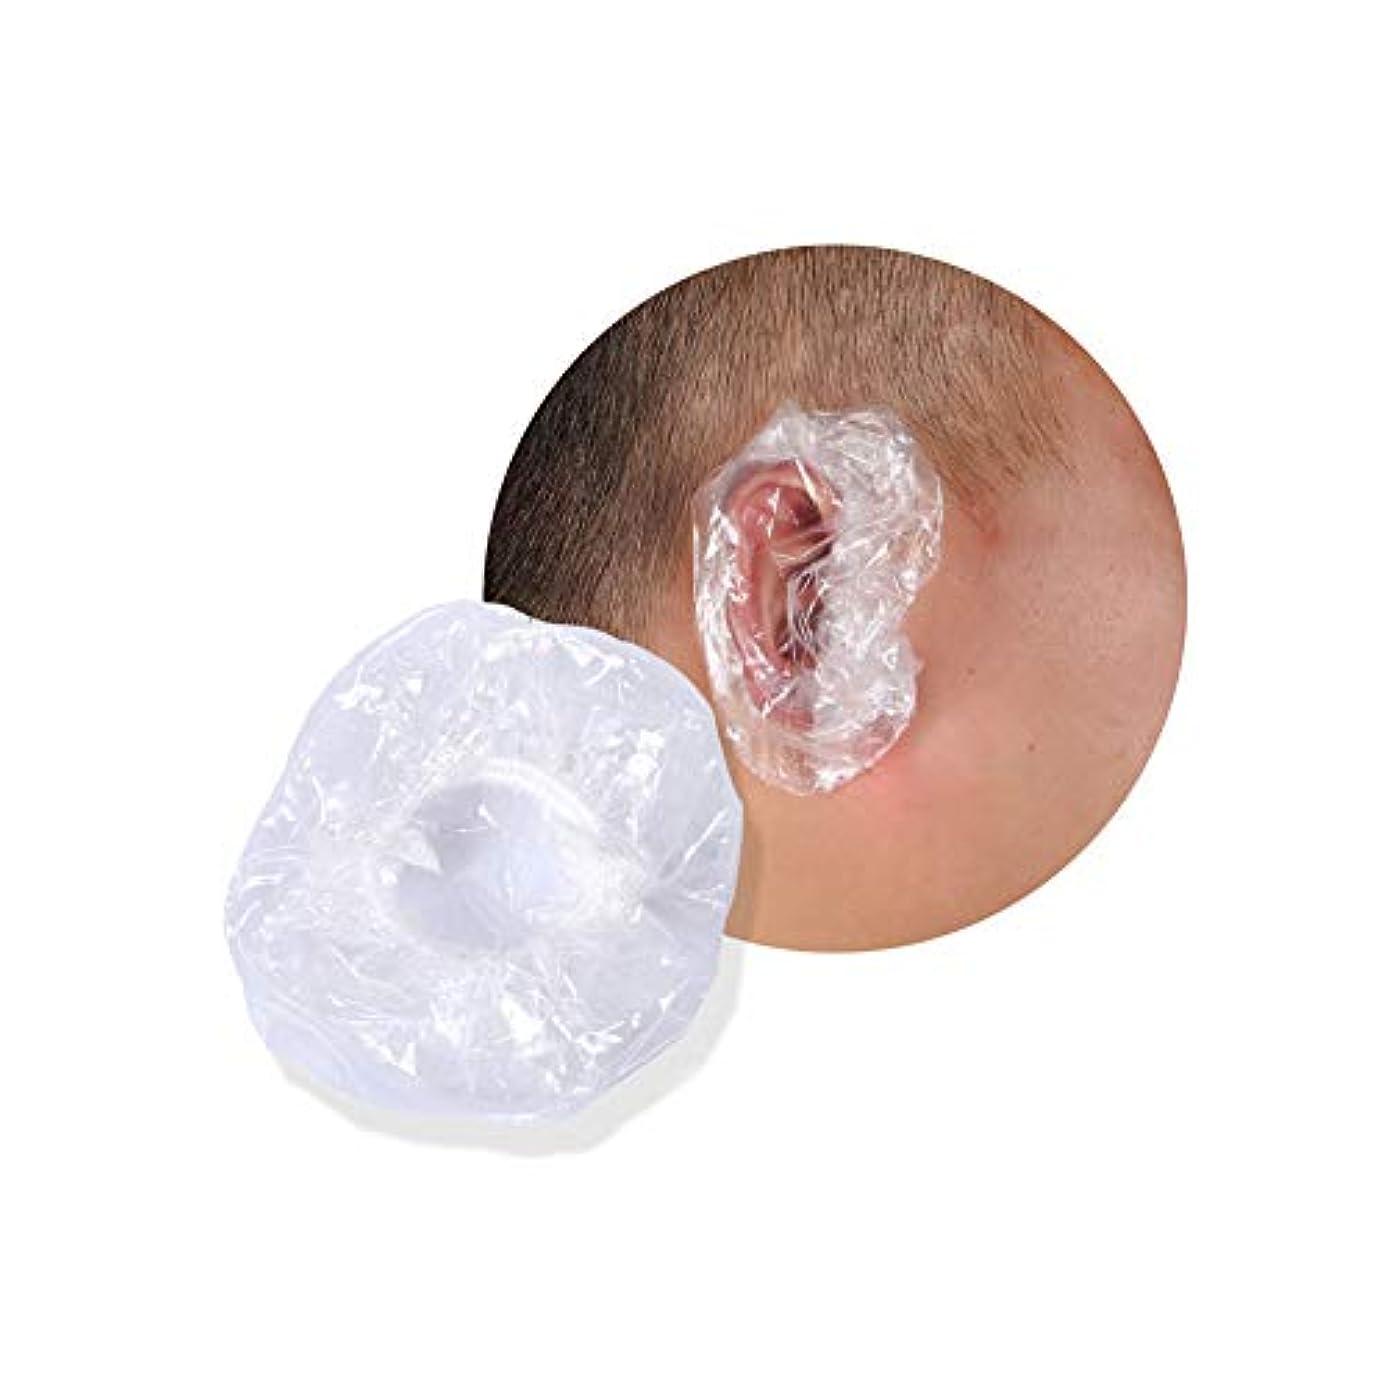 乱闘囲まれたレベルイヤーキャップ 使い捨て 簡単 装着 透明 ビニール 耳 保護 カバー 毛染め パーマ 縮毛矯正 シャンプー トリートメント 100個入り